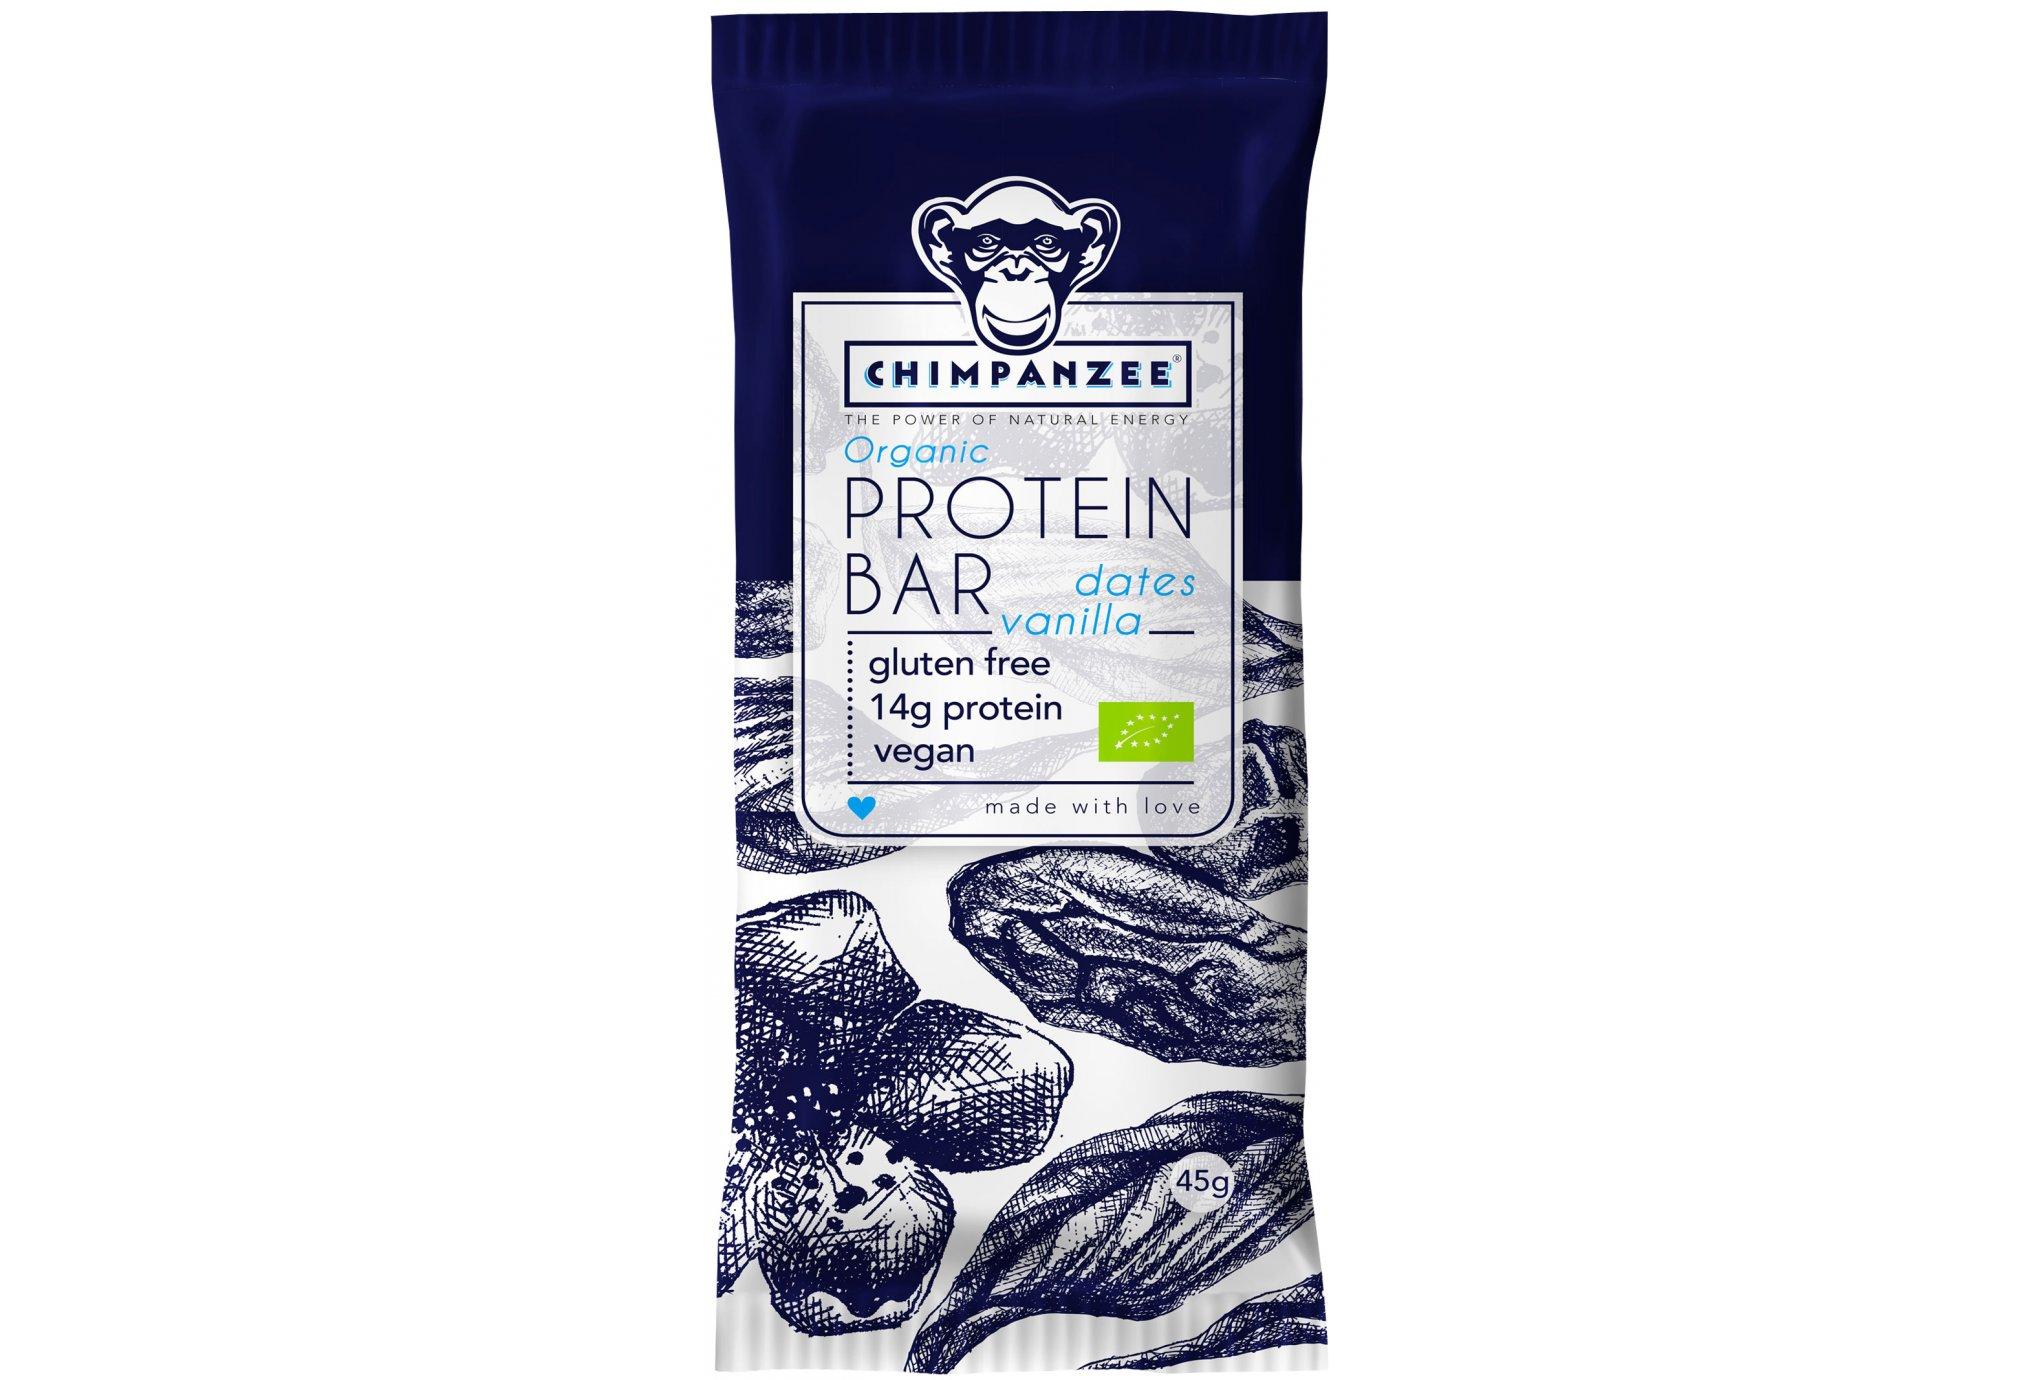 Chimpanzee Barre protéines - Dattes/Vanille Diététique Protéines / récupération